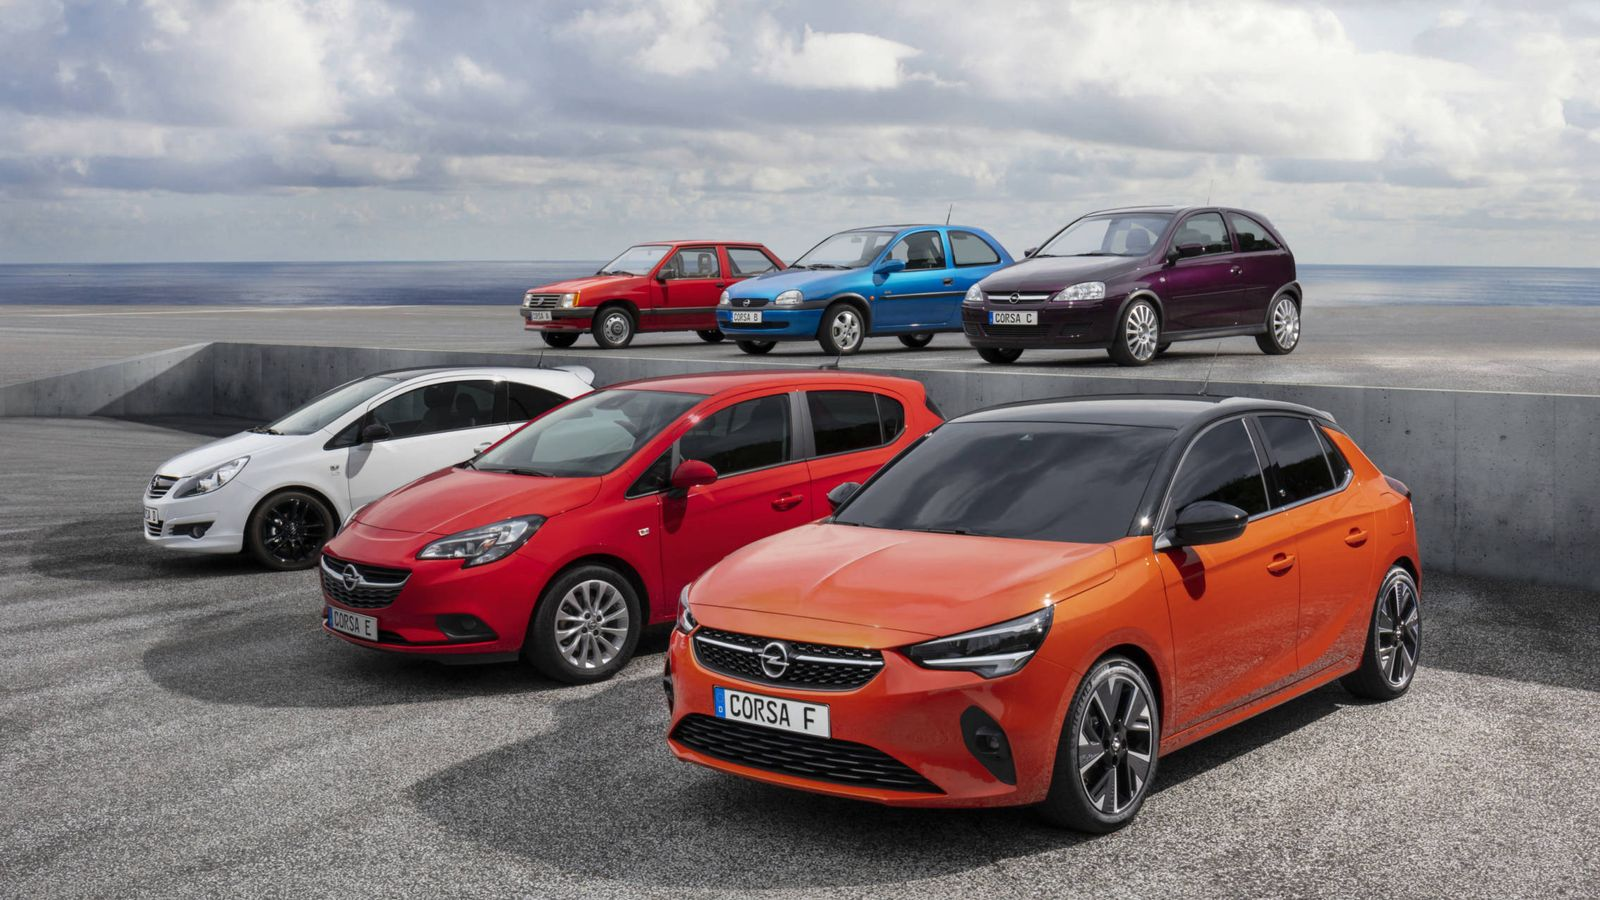 Foto: Tras 13,6 millones de unidades vendidas en todo el mundo llega el nuevo Opel Corsa, la sexta generación, también fabricada en España.-